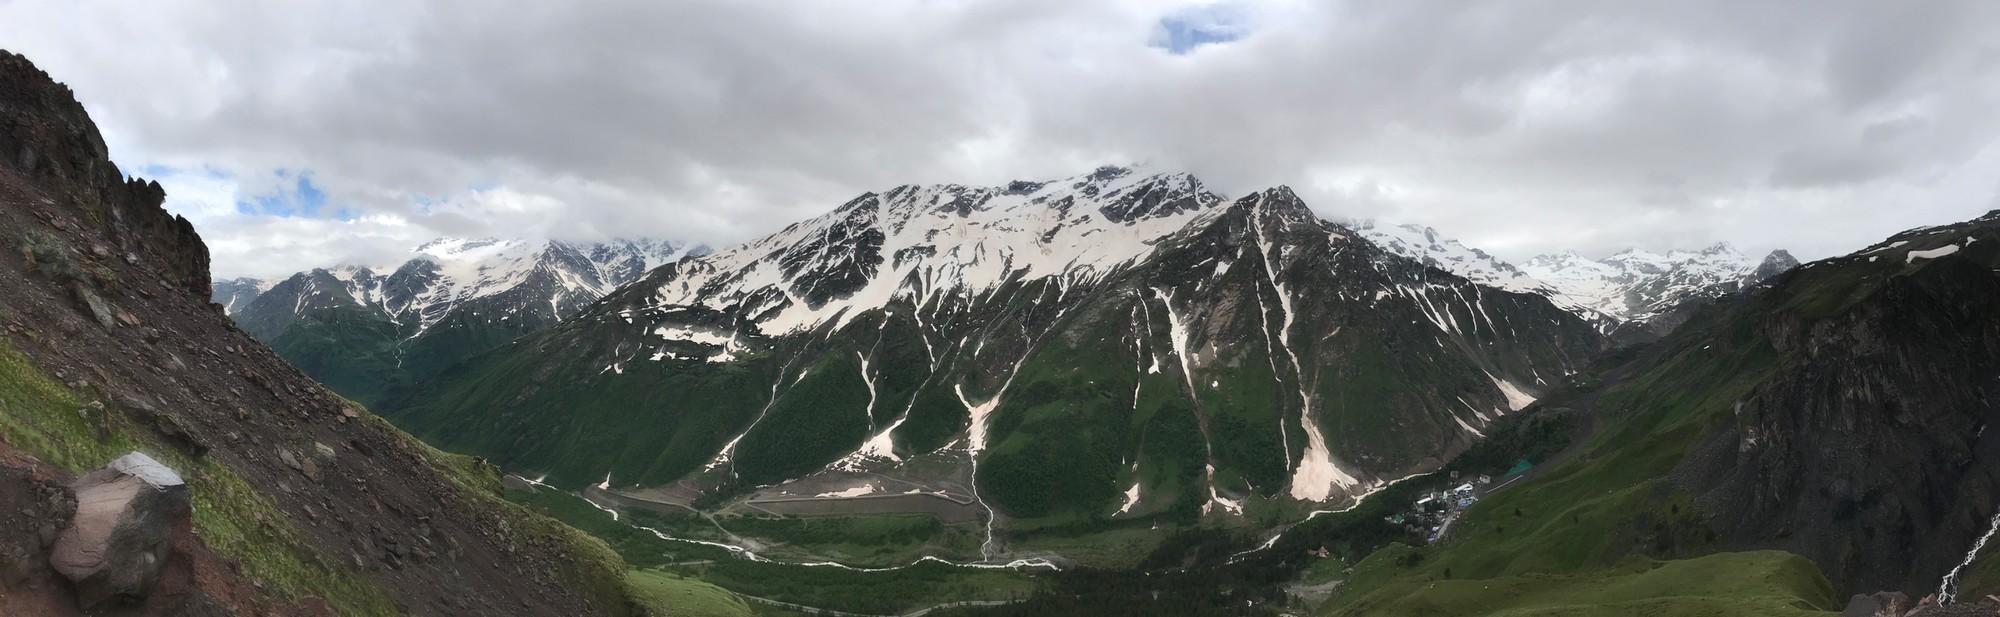 05 Elbrus